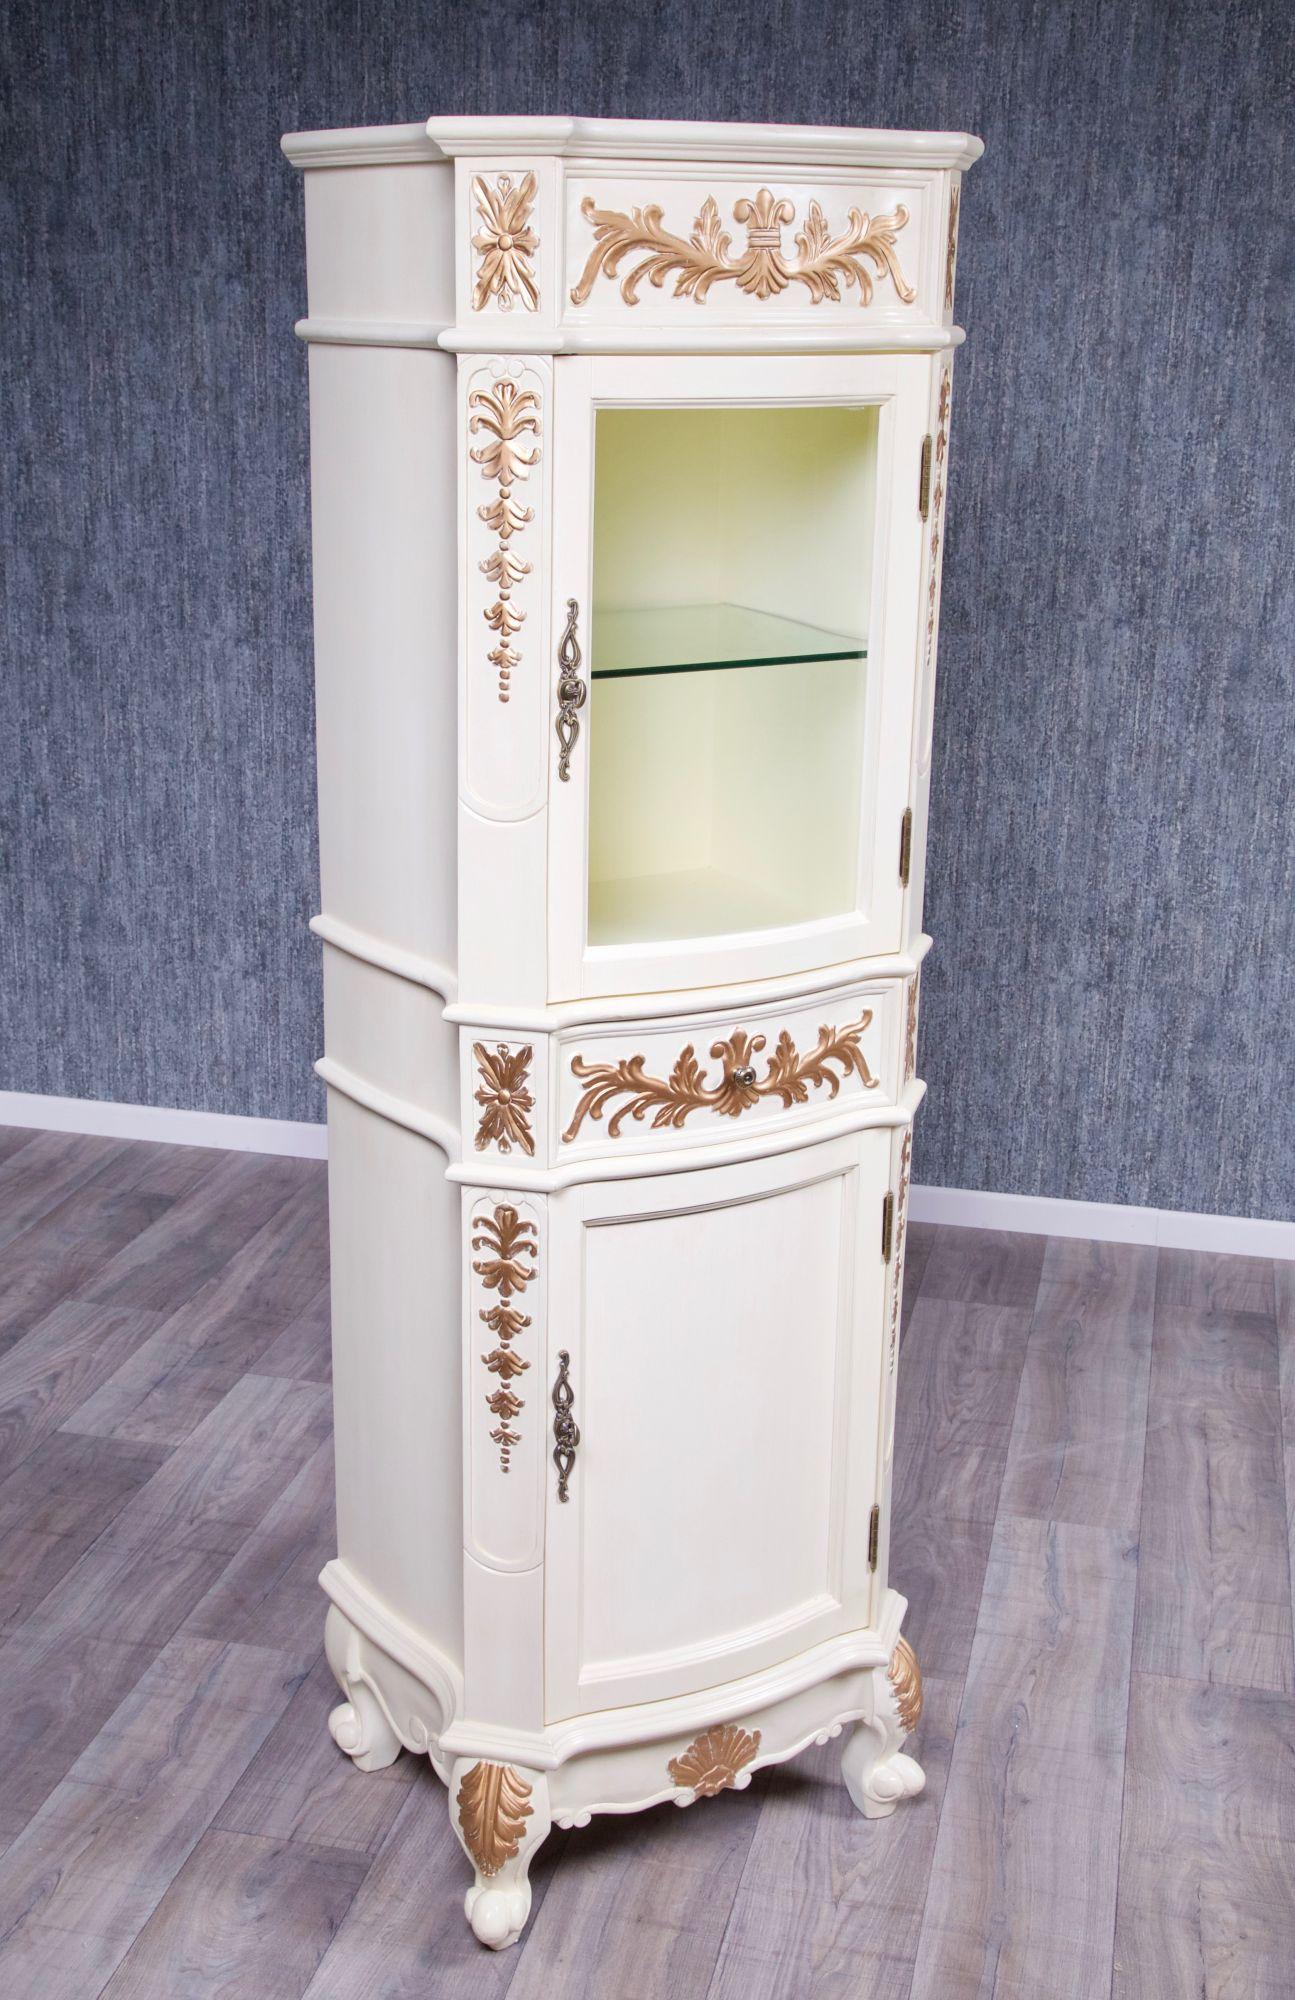 Barock Badezimmer Möbel  Waschtische  Repro Antik Design  Repro-Antik-Design.de